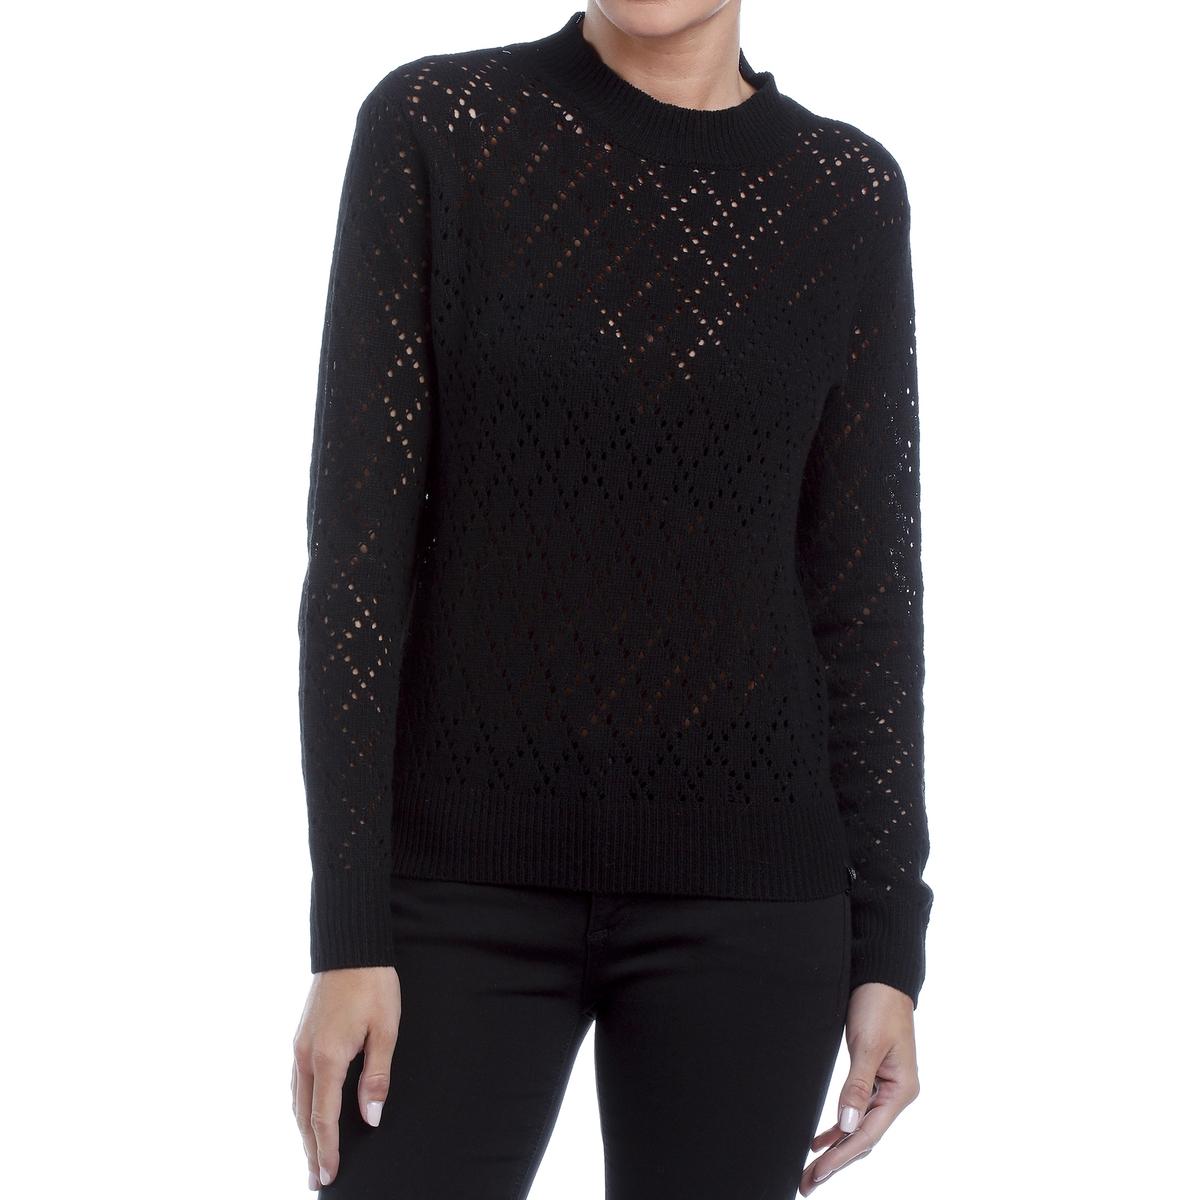 Пуловер ажурный из трикотажа ажурный пуловер quelle ajc 787037